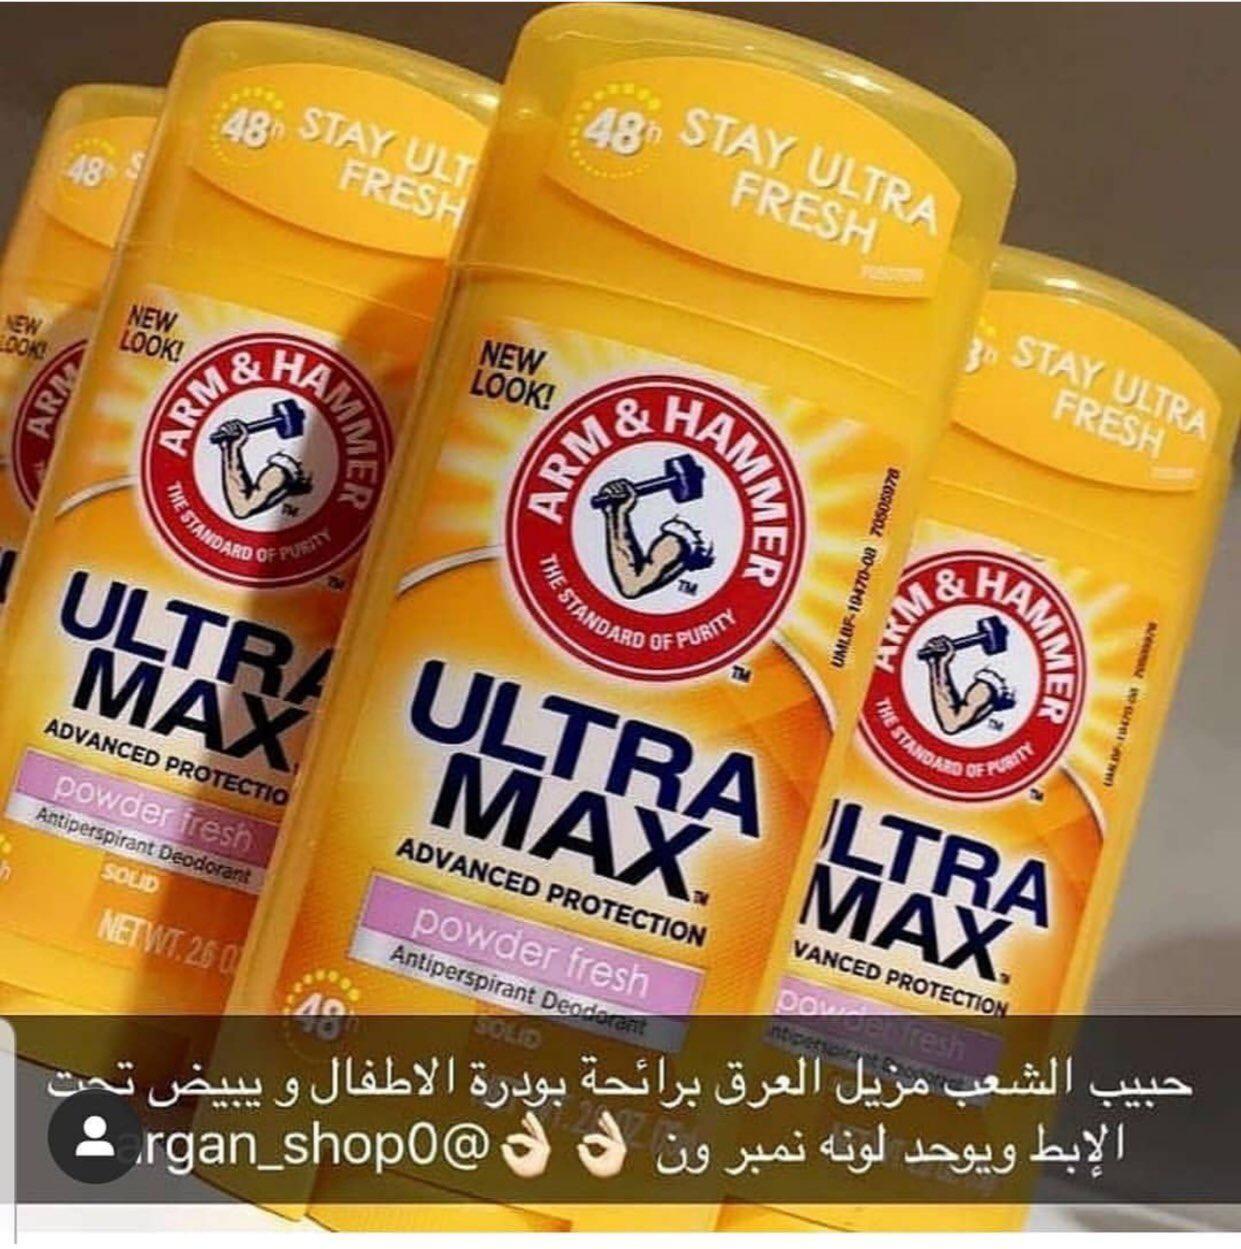 مزيل عرق برائحة بودرة الاطفال يبيض ويوحد لون الابط Skin Care Women Antiperspirant Deodorant Antiperspirant